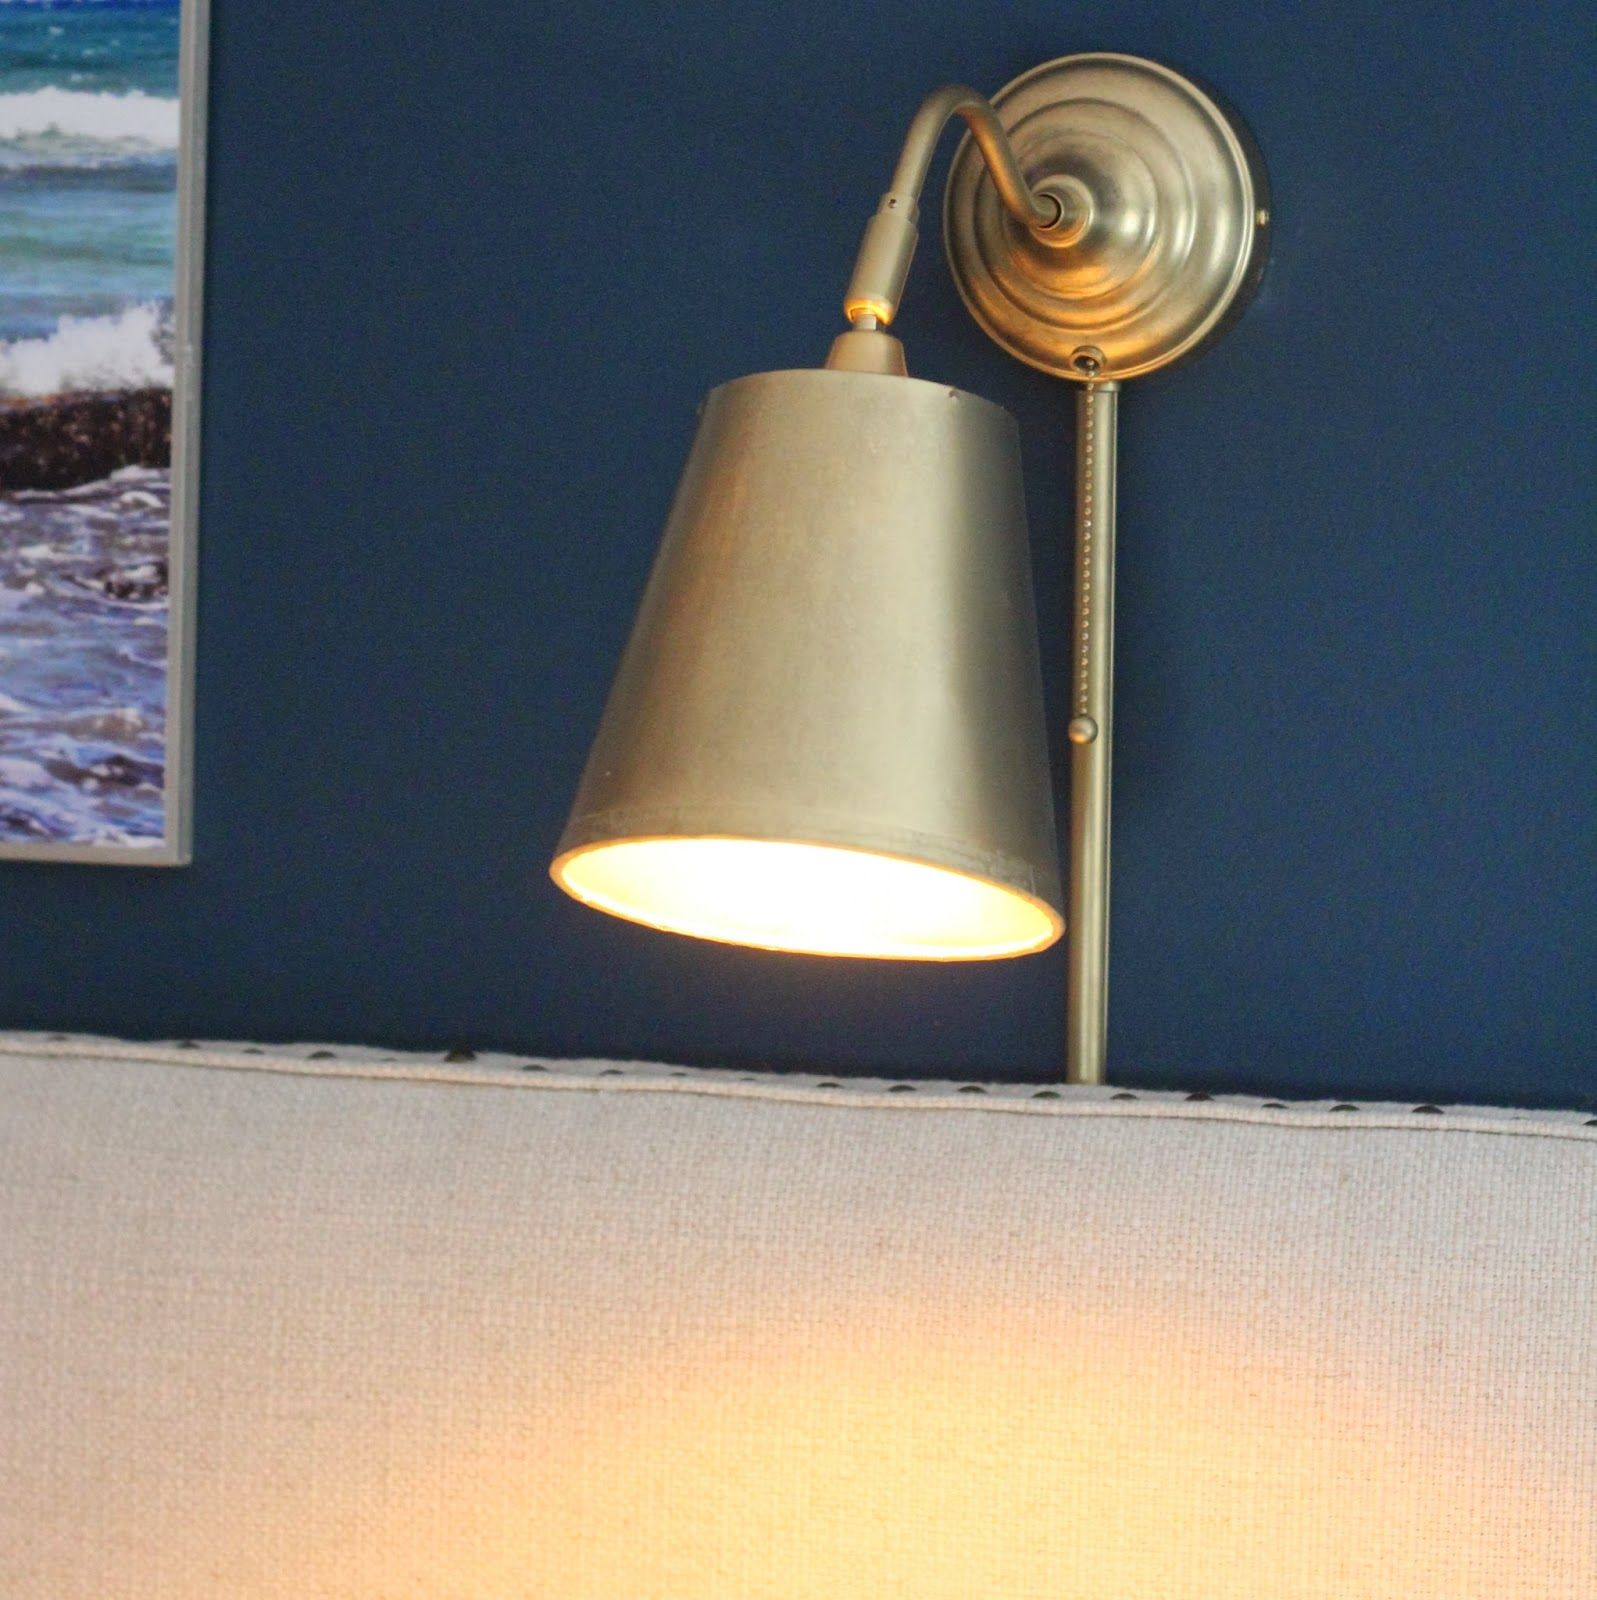 Wall Mounted Lamps Ikea